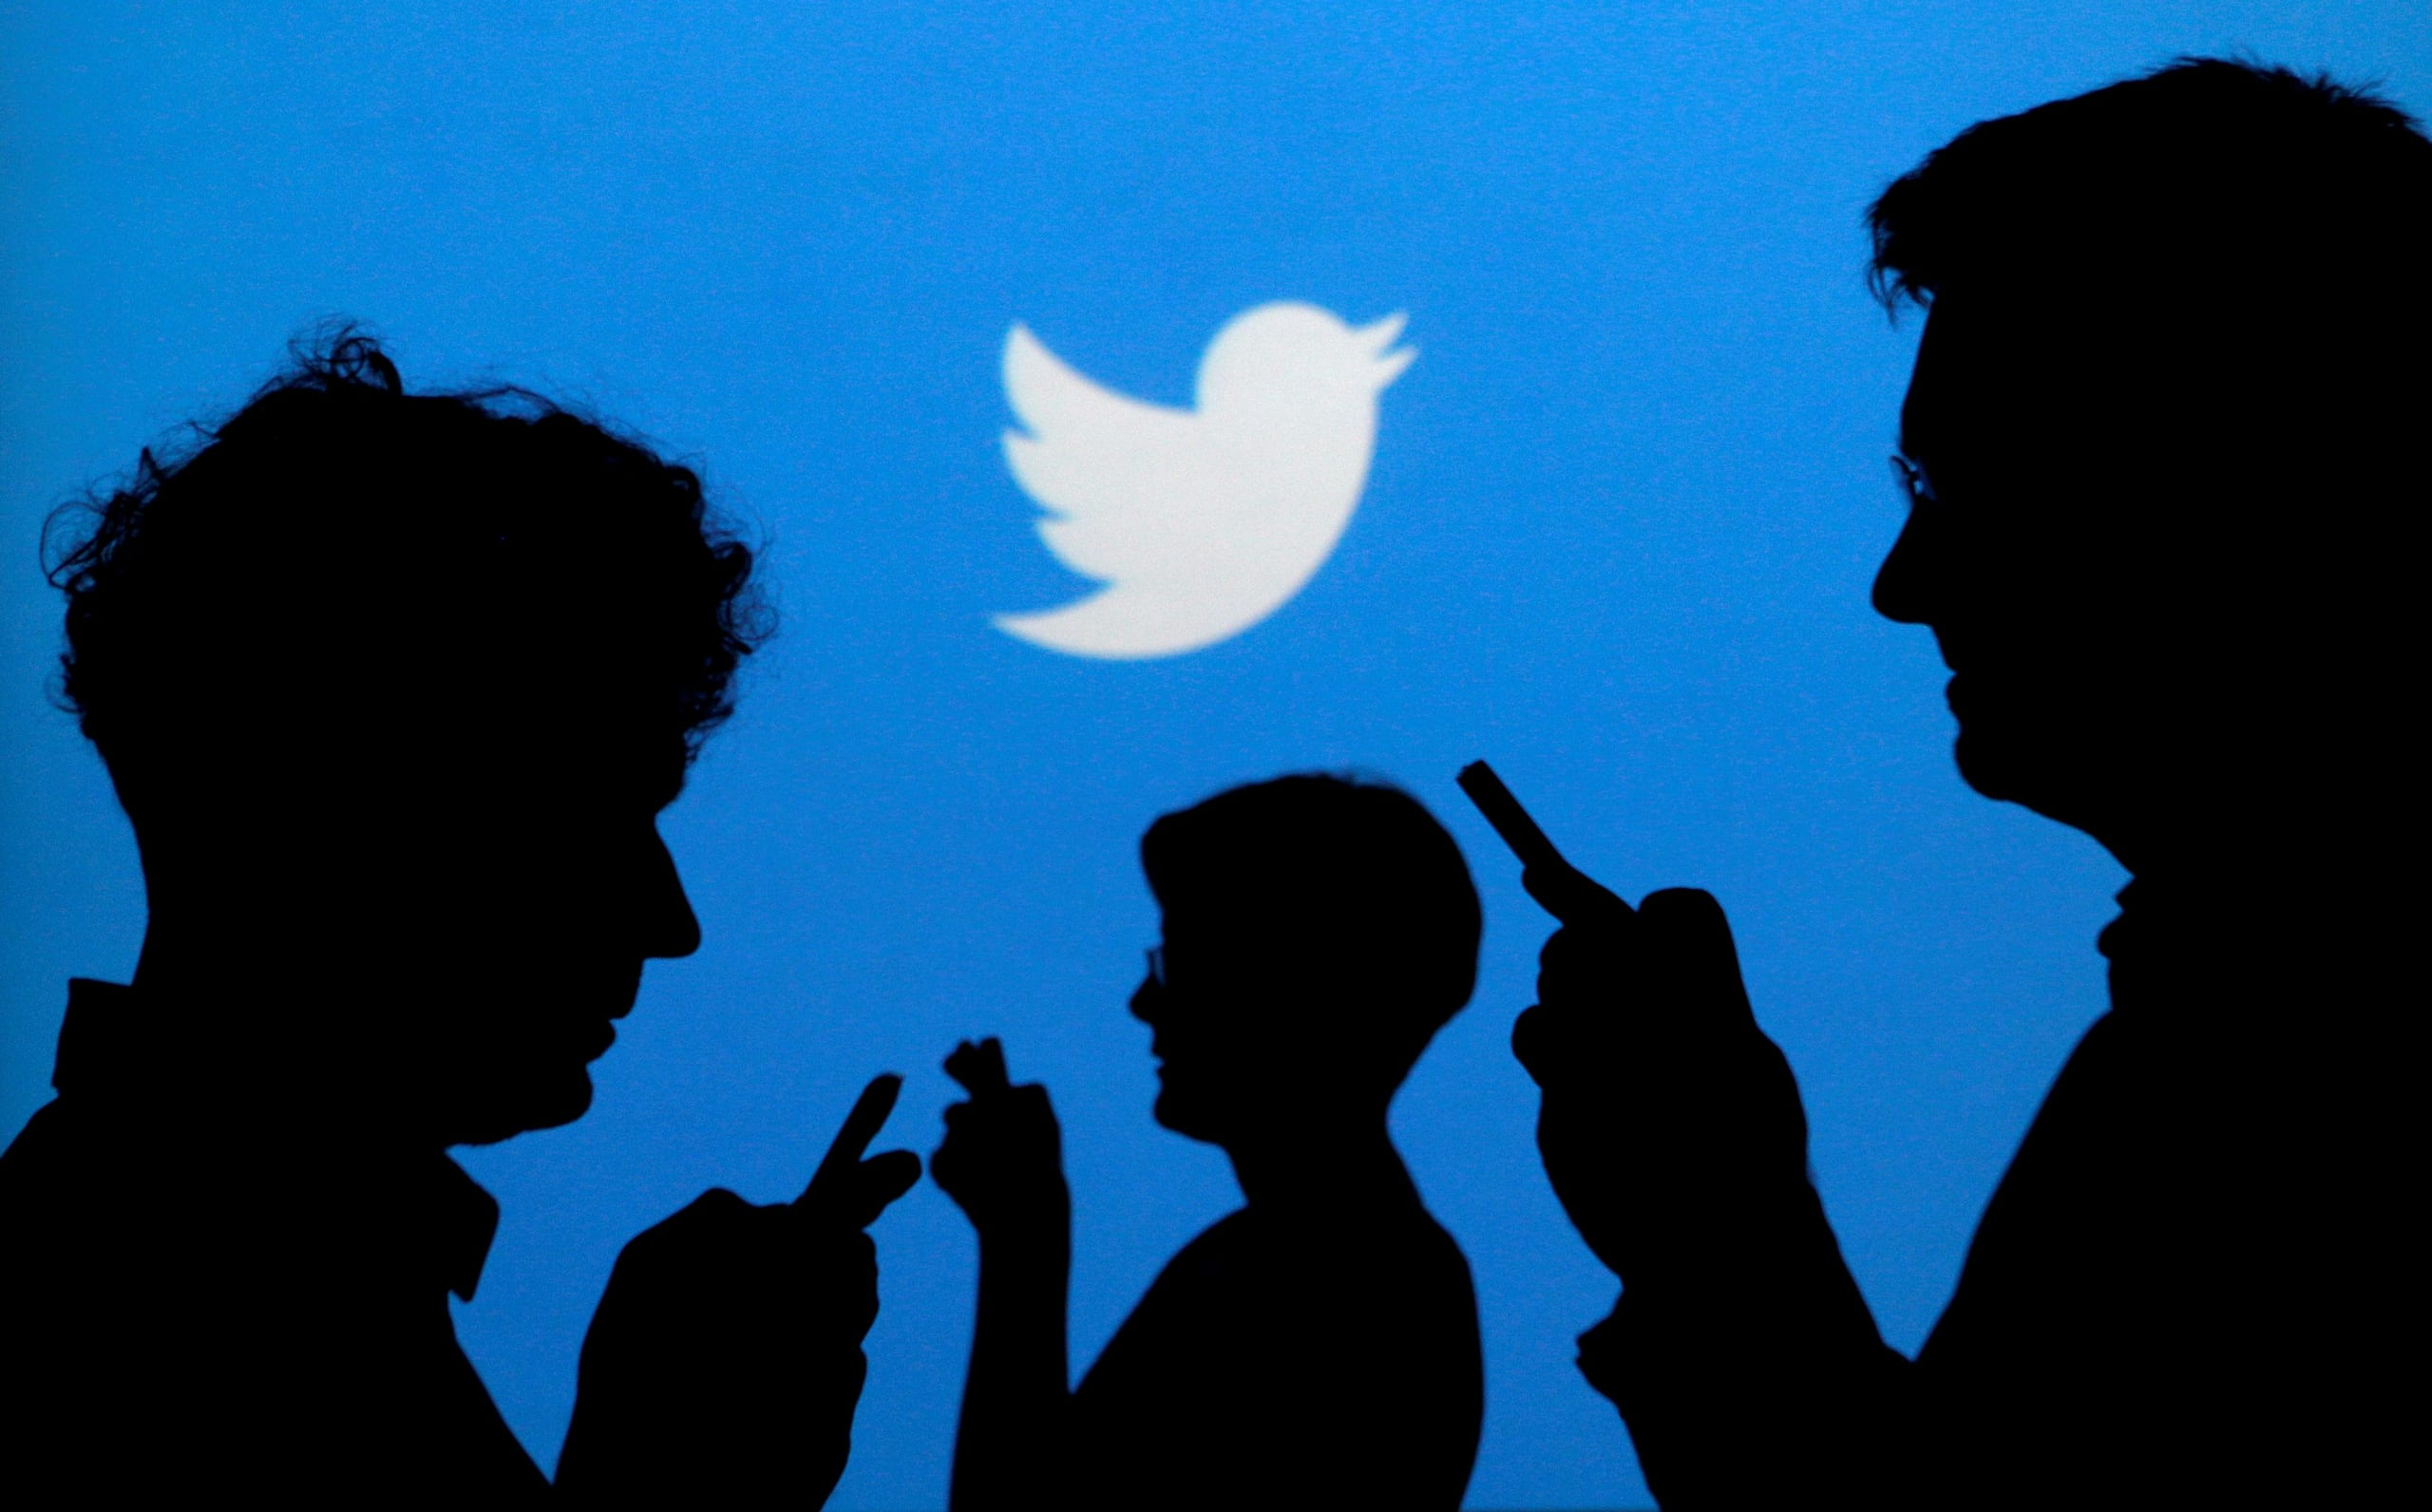 Twitter entra nel mondo degli NFT con una prima collection